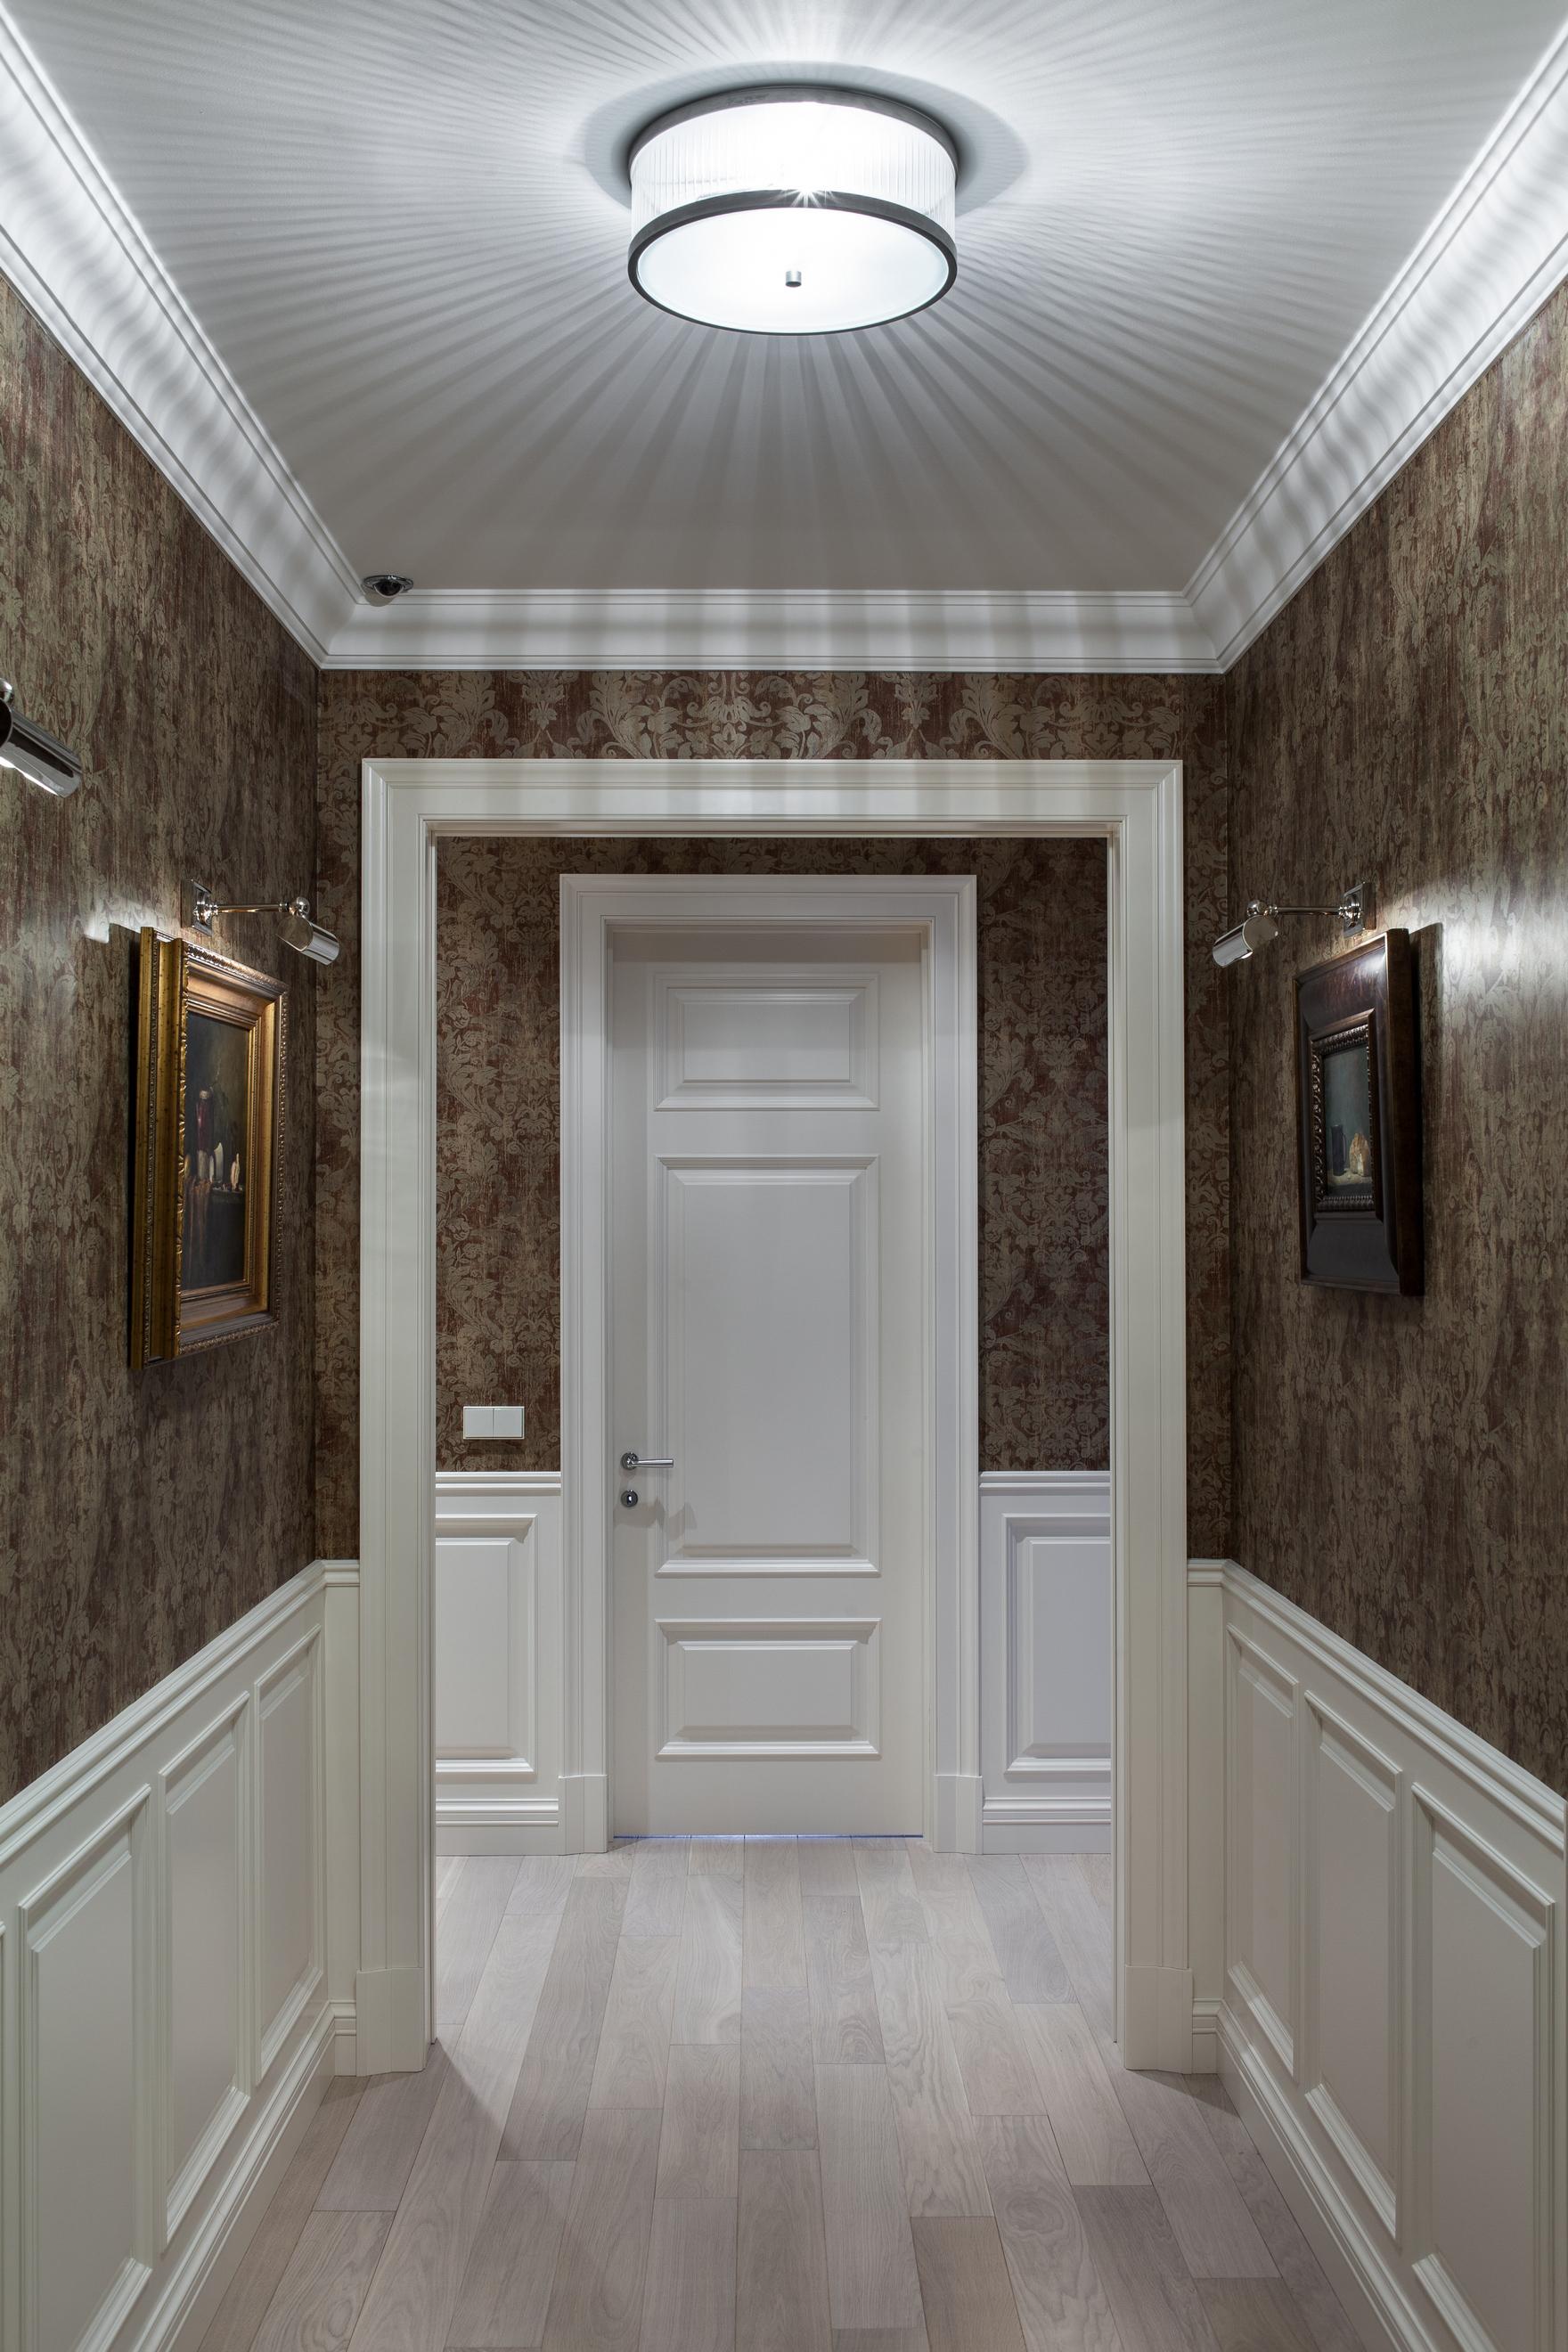 Яркая люстра и настенные светильники в коридоре